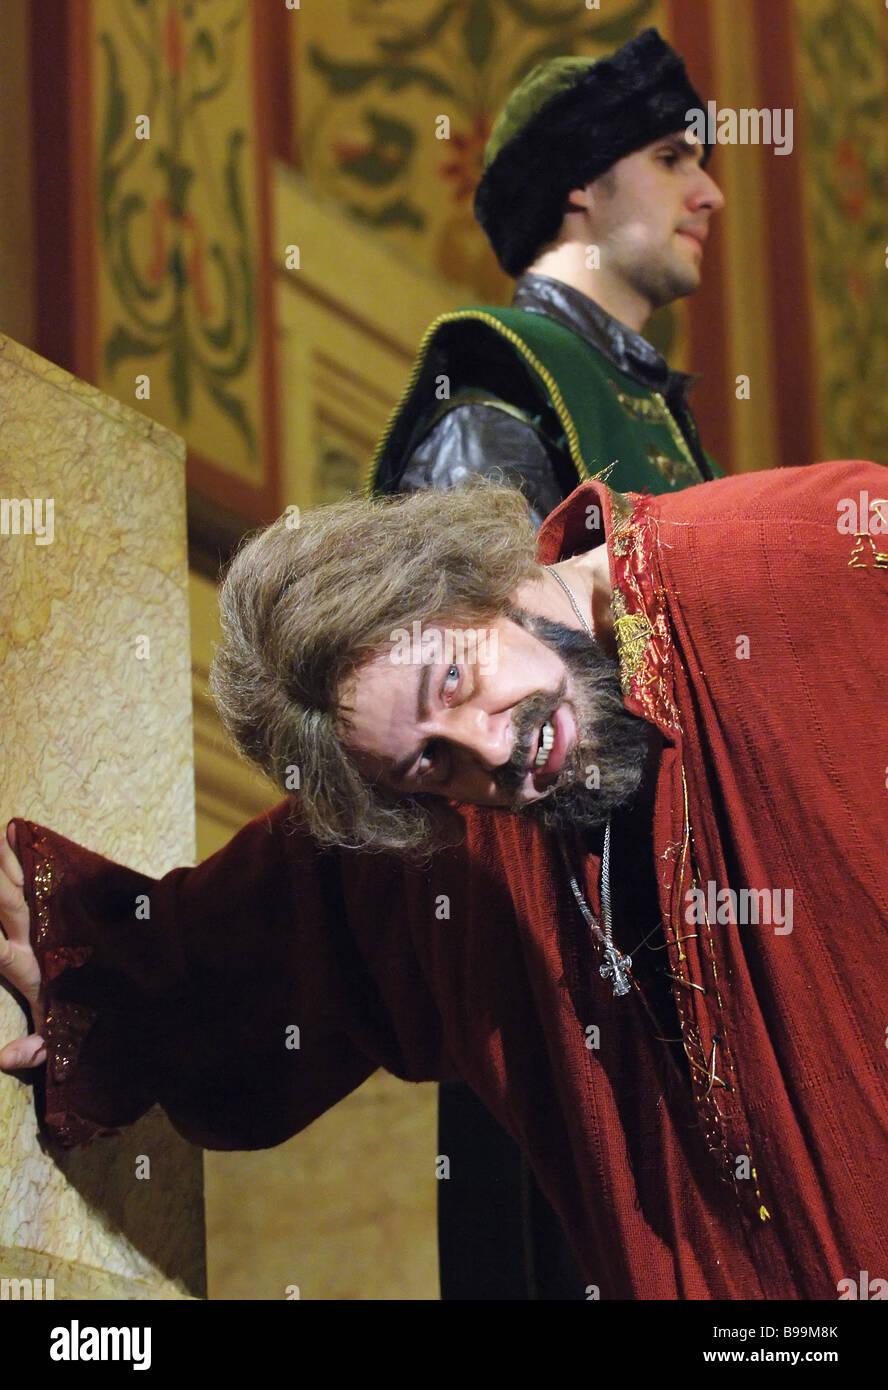 Zwei werden historische Drama Boris Godunov auf die State History Museum Vladimir Kudashev Stars wie Boris Godunov Stockbild